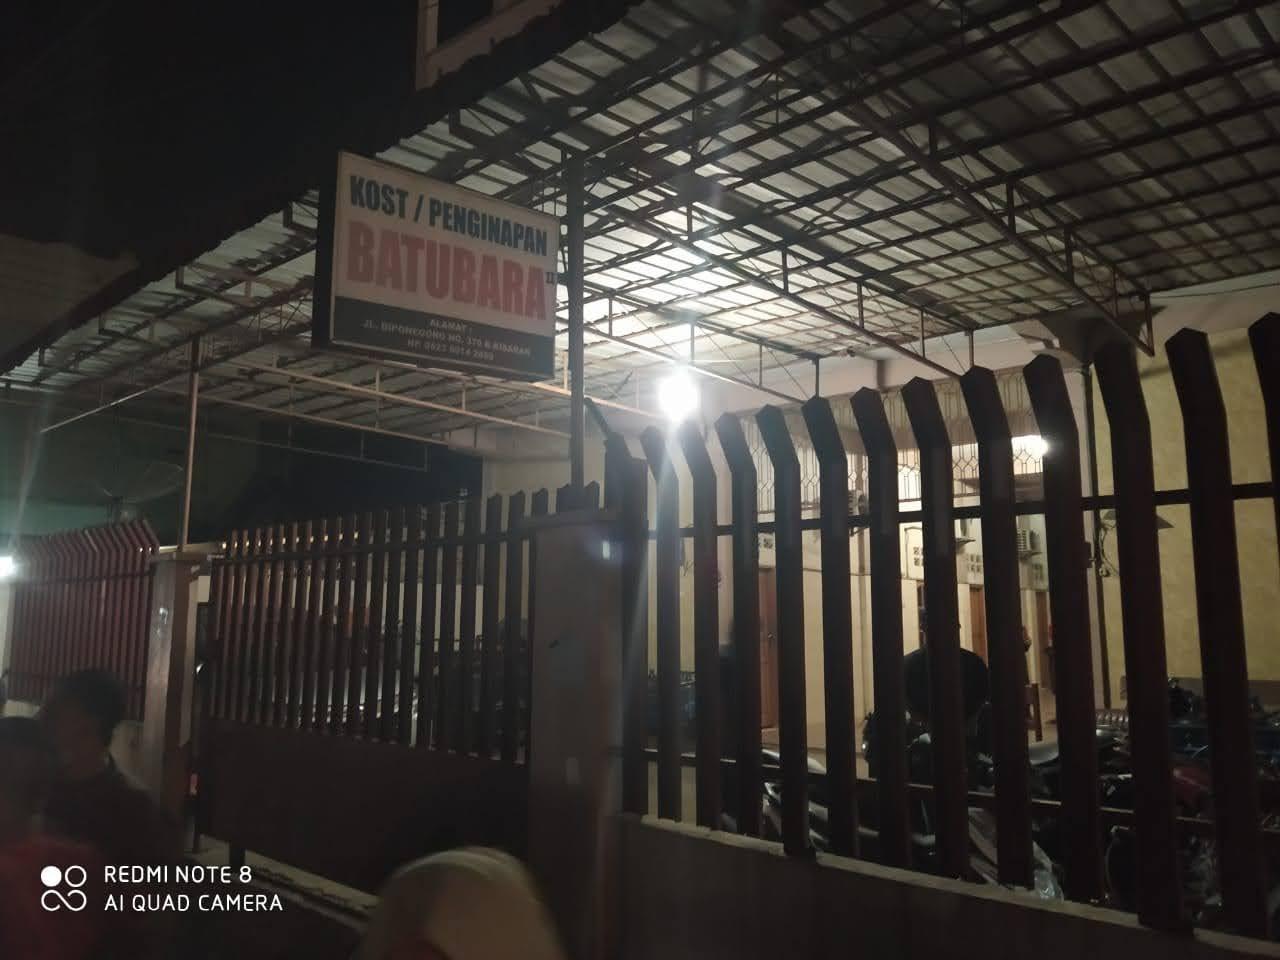 Pengemis Berusia 89 Tahun Asal Balige Sumut Ditemukan Tewas di Kamar VIP Kost/Penginapan 'Batubara' Kisaran